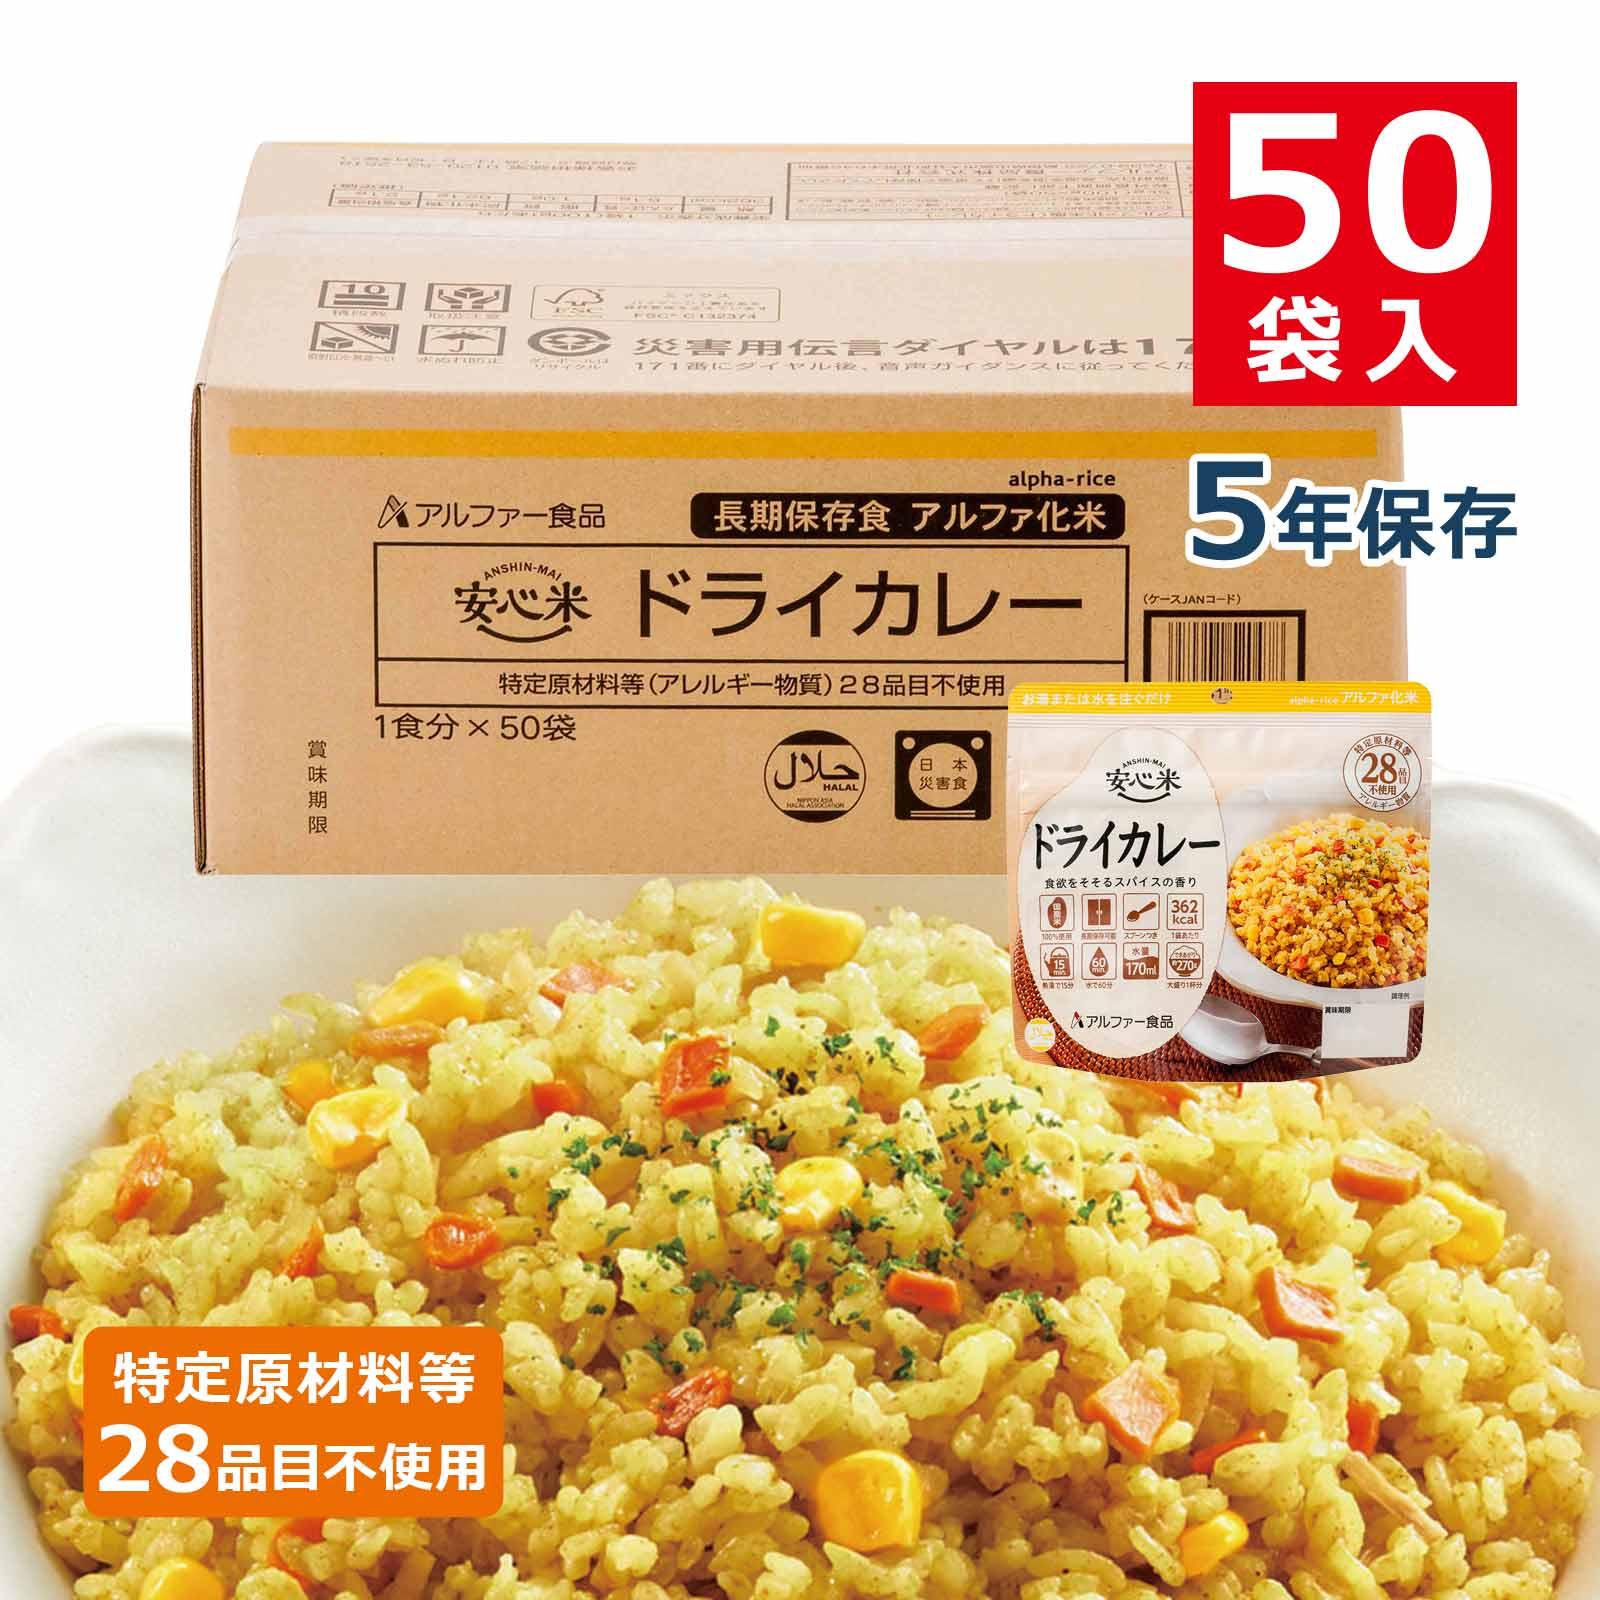 安心米(アルファ化米)個食 ドライカレー 50袋入画像